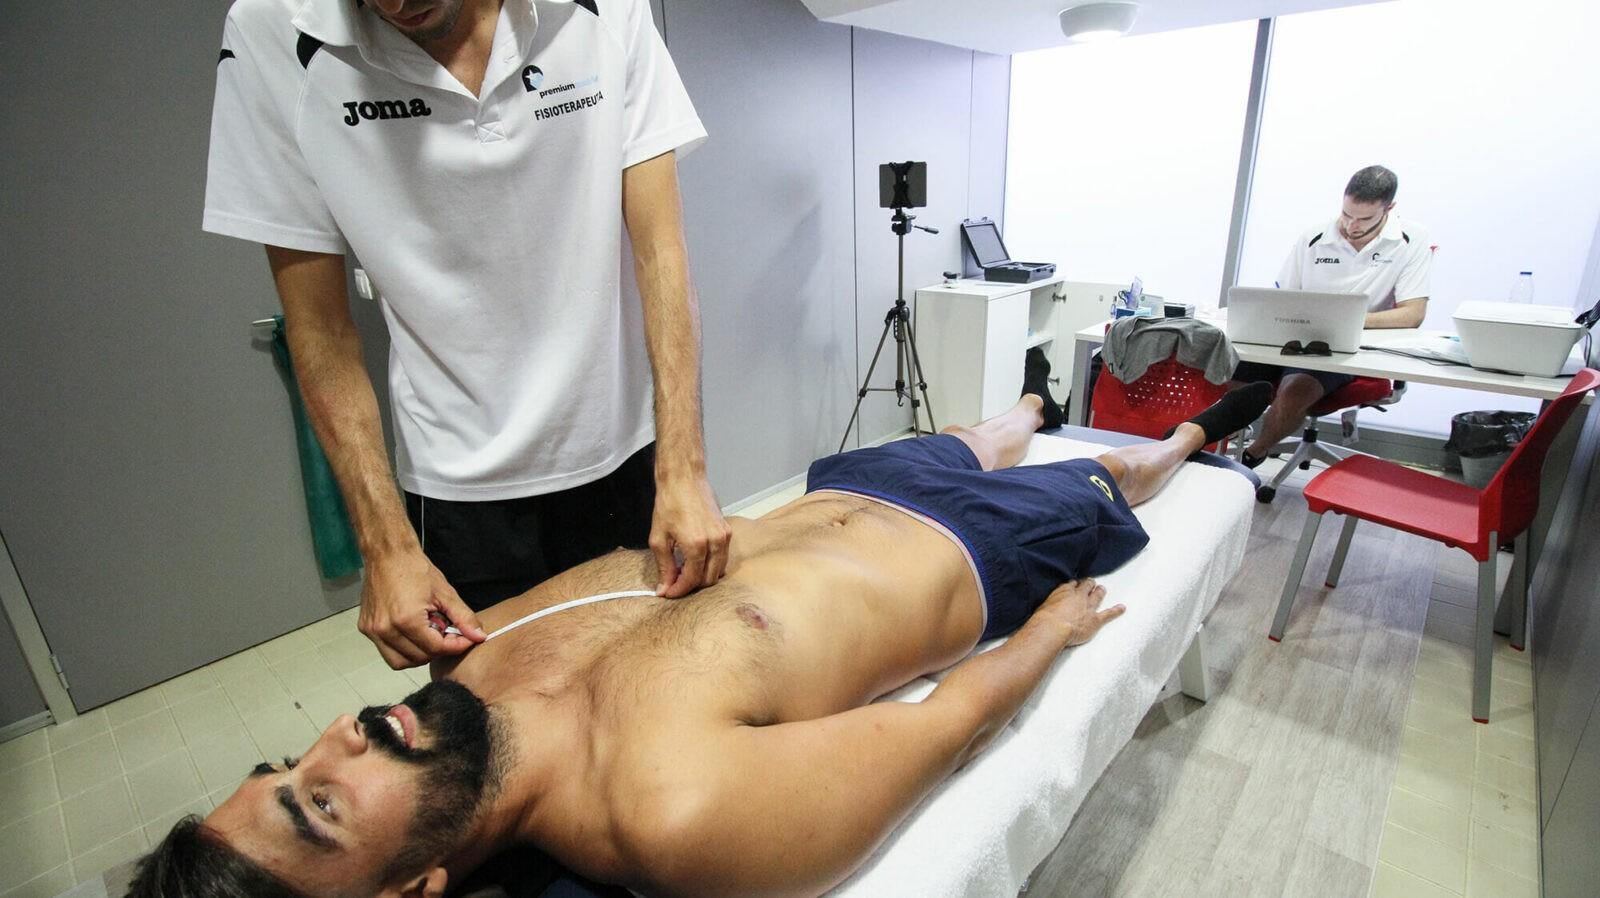 fisioterapia deportiva, prevencion lesiones